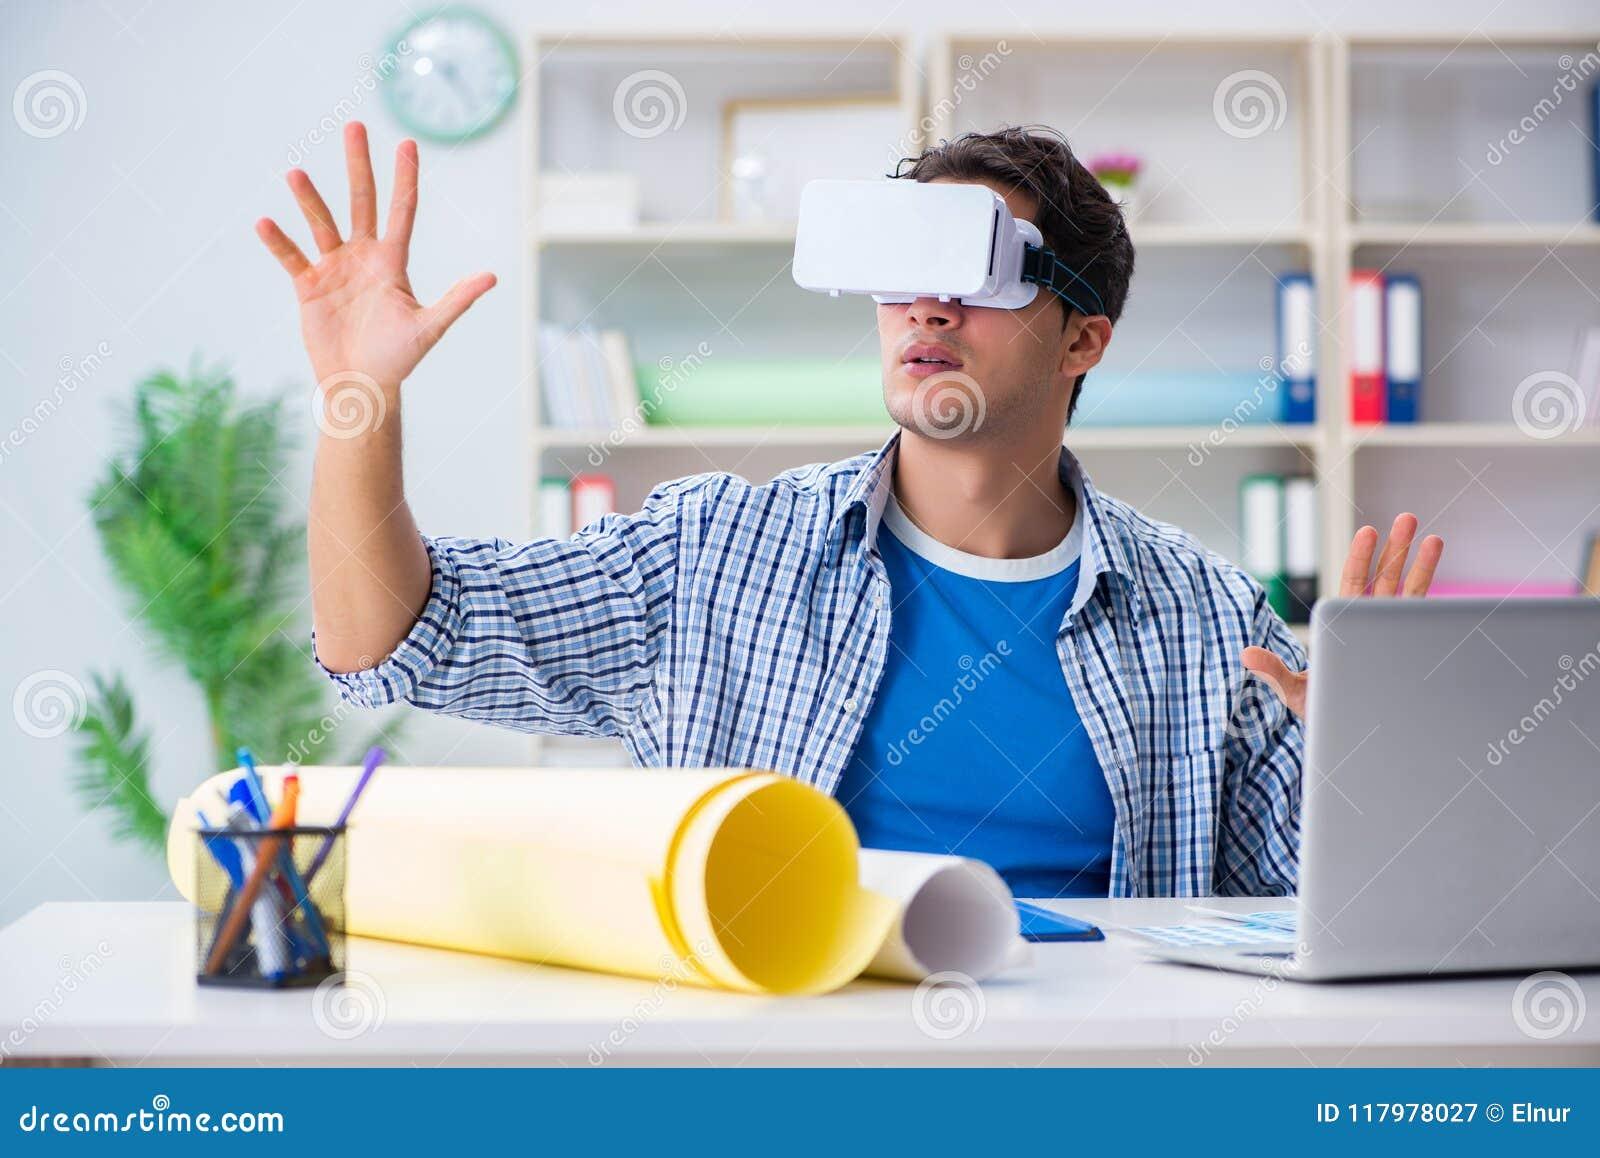 Download Il Giovane Progettista Con I Vetri Del Vr Di Realtà Virtuale Immagine Stock - Immagine di illustrazione, disegno: 117978027